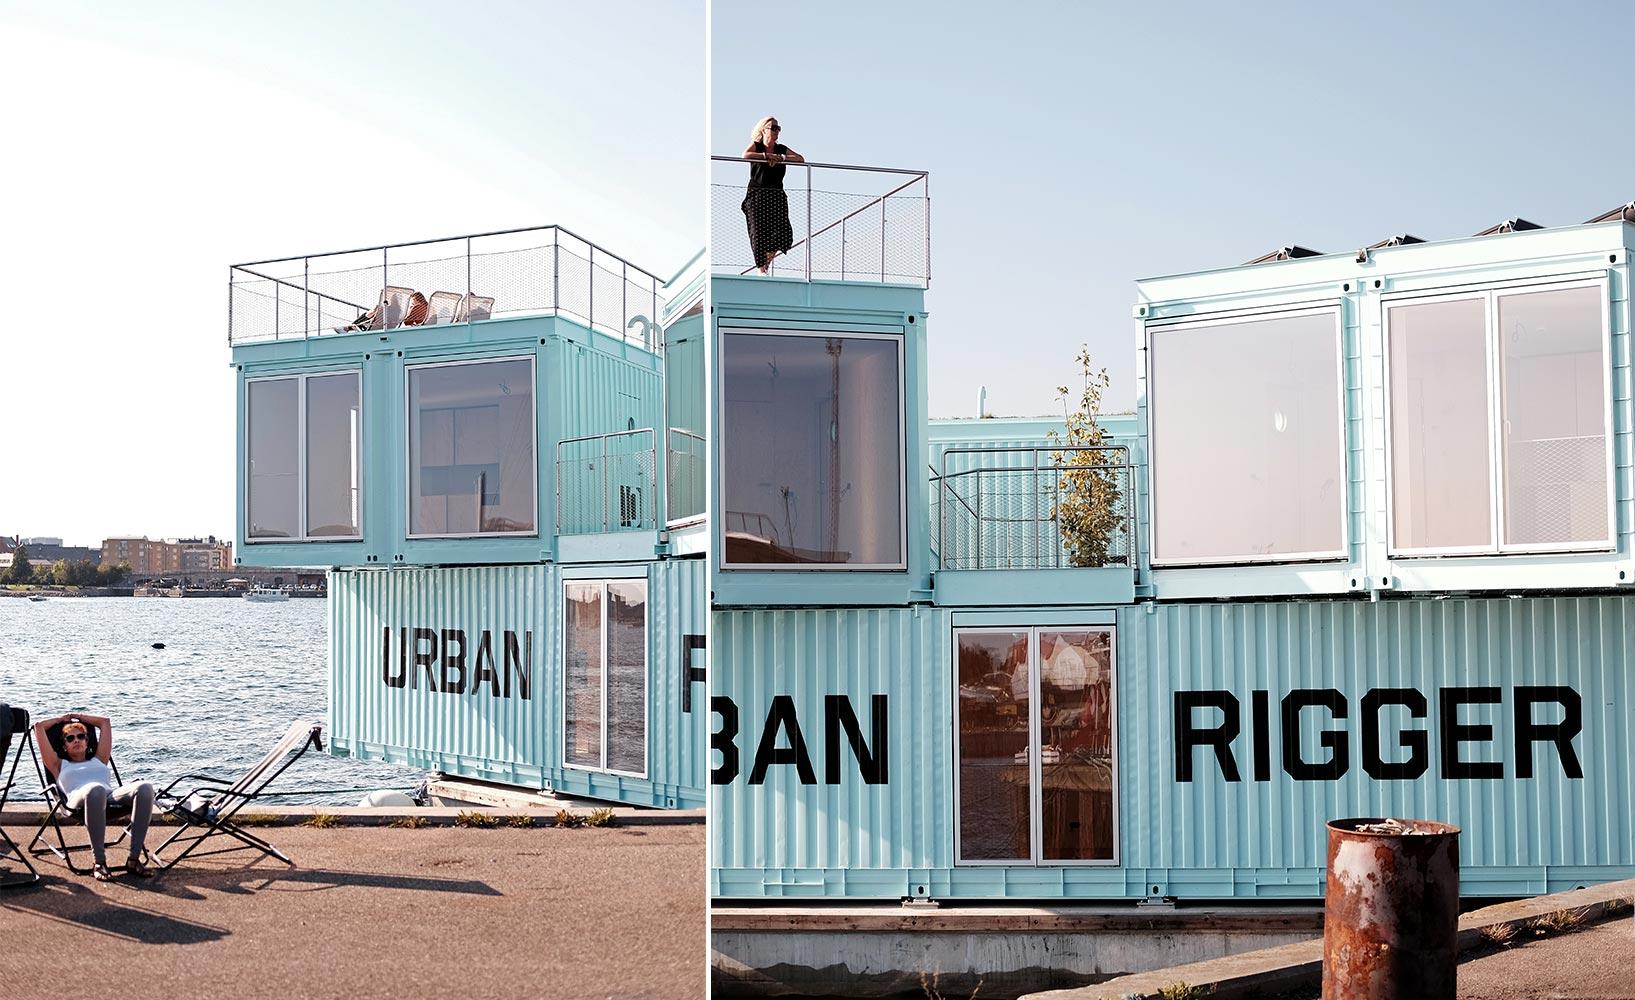 Urban Rigger Cointainerwohnungen